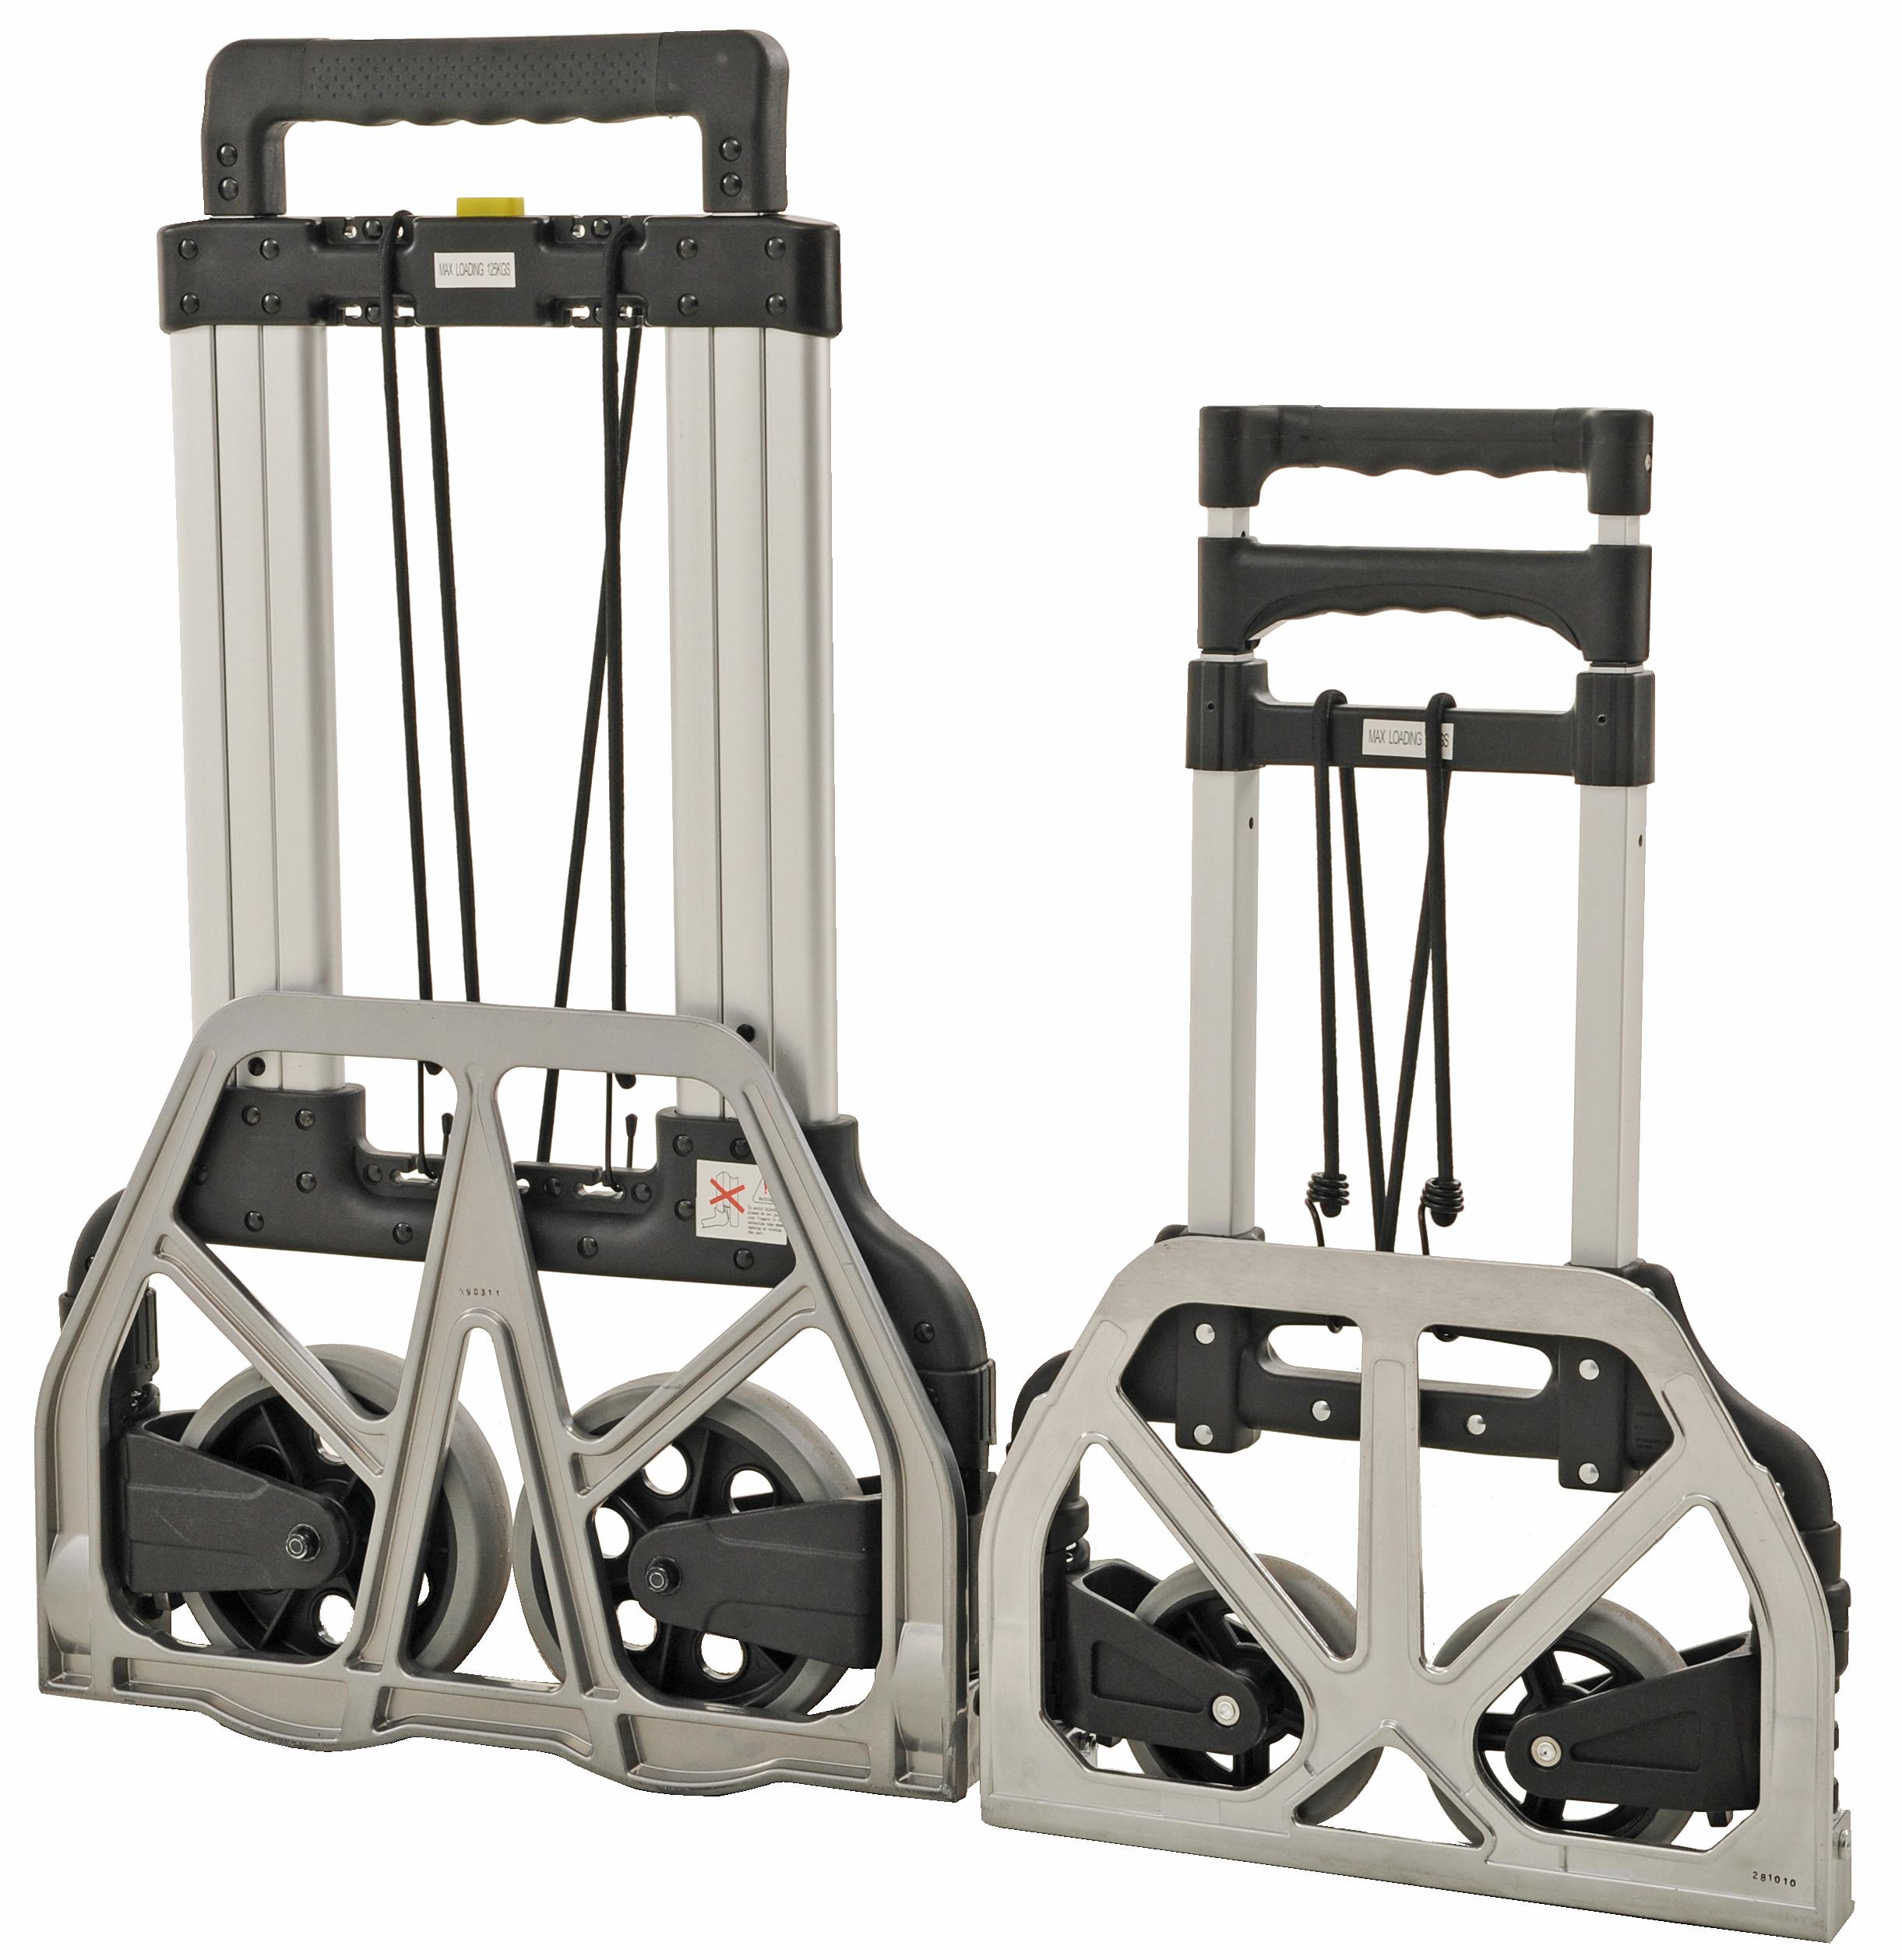 KM0207   Luggage trolley